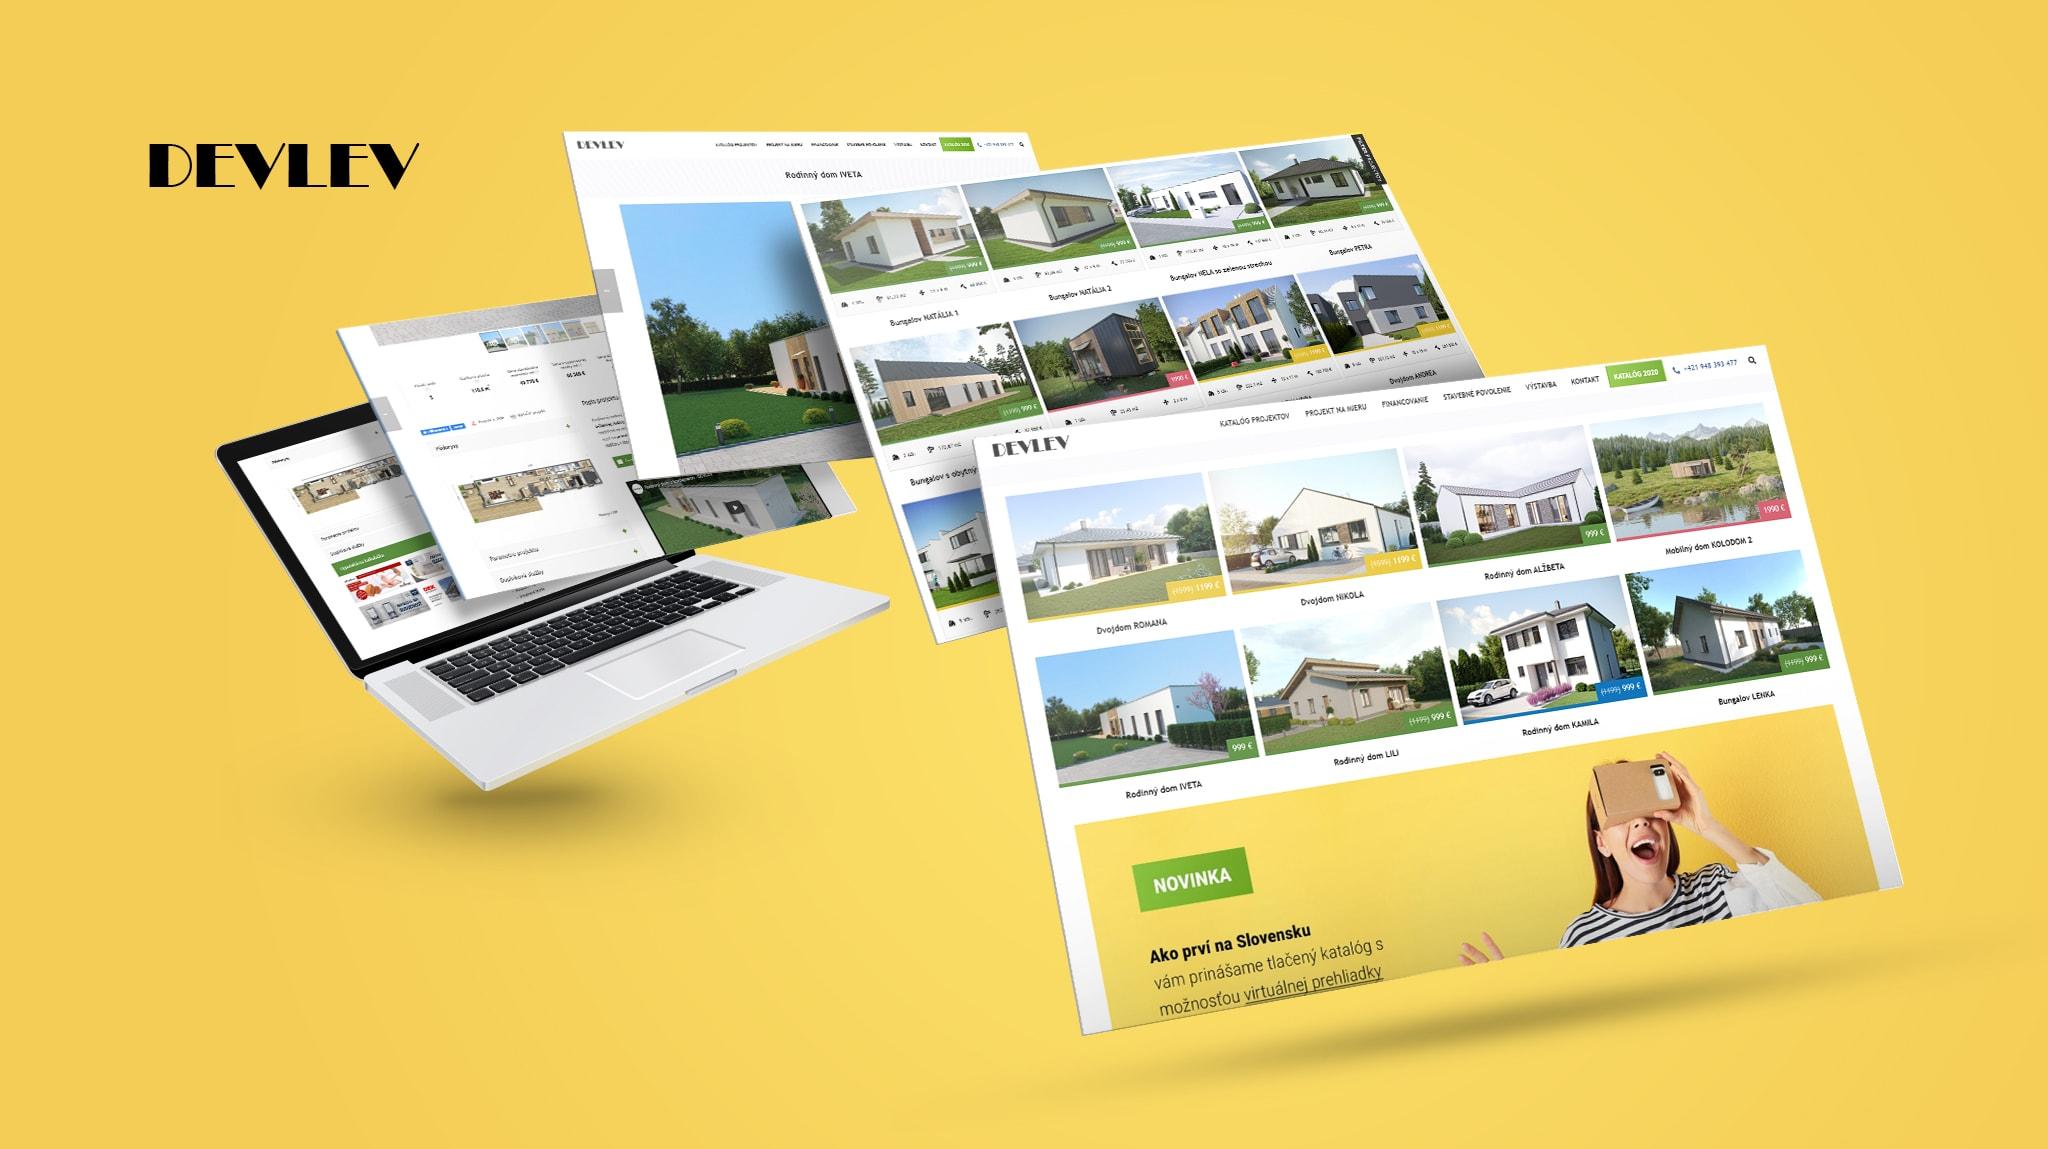 Tvorba web stránky katalogoveprojekty.sk | Marketingová agentúra UNIQINO